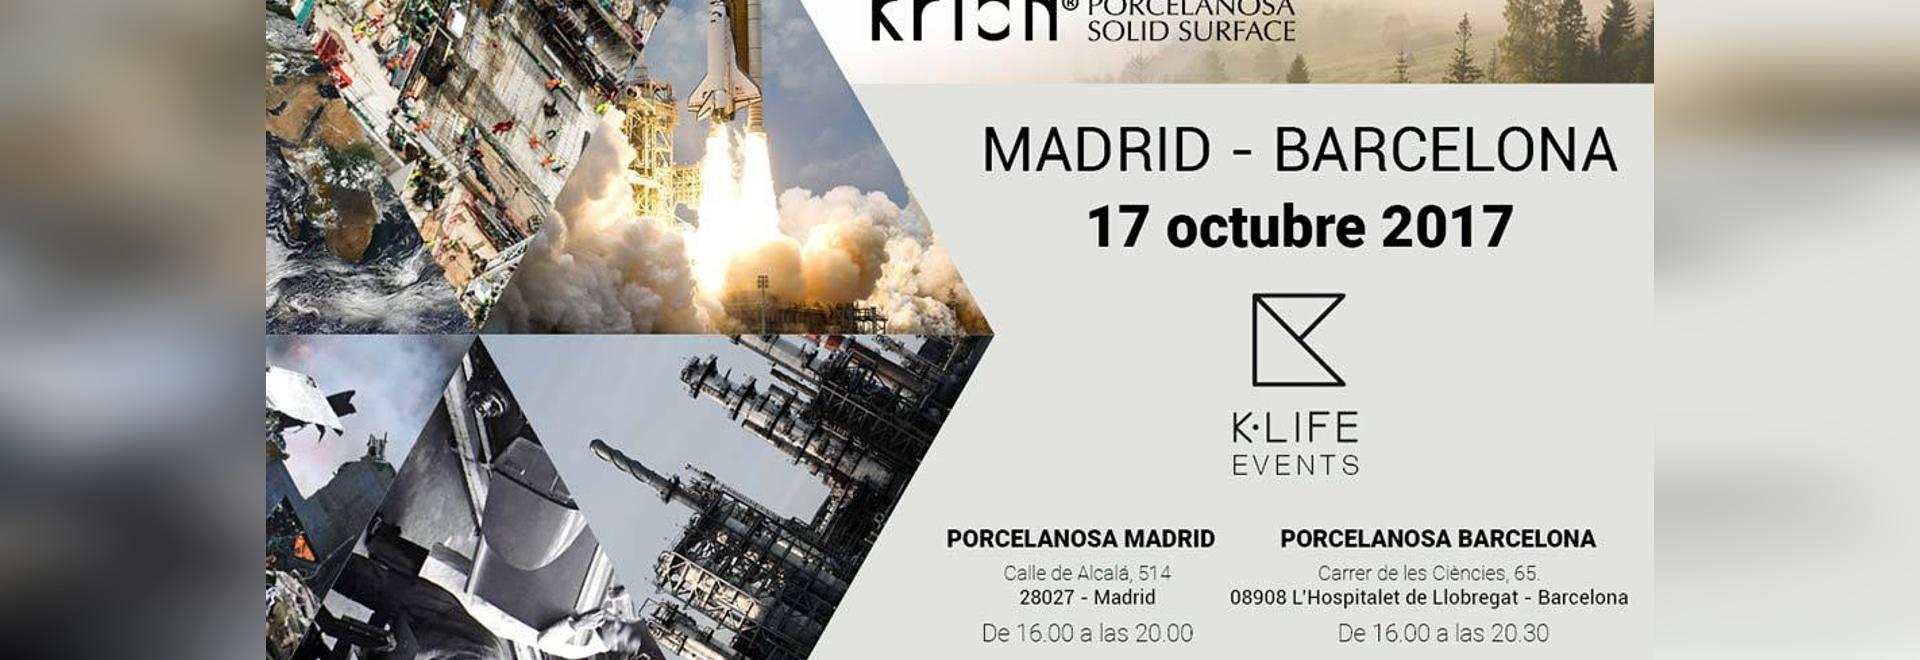 Am kommenden 17. Oktober wird KRION K-LIFE gleichzeitig in Madrid und Barcelona präsentiert